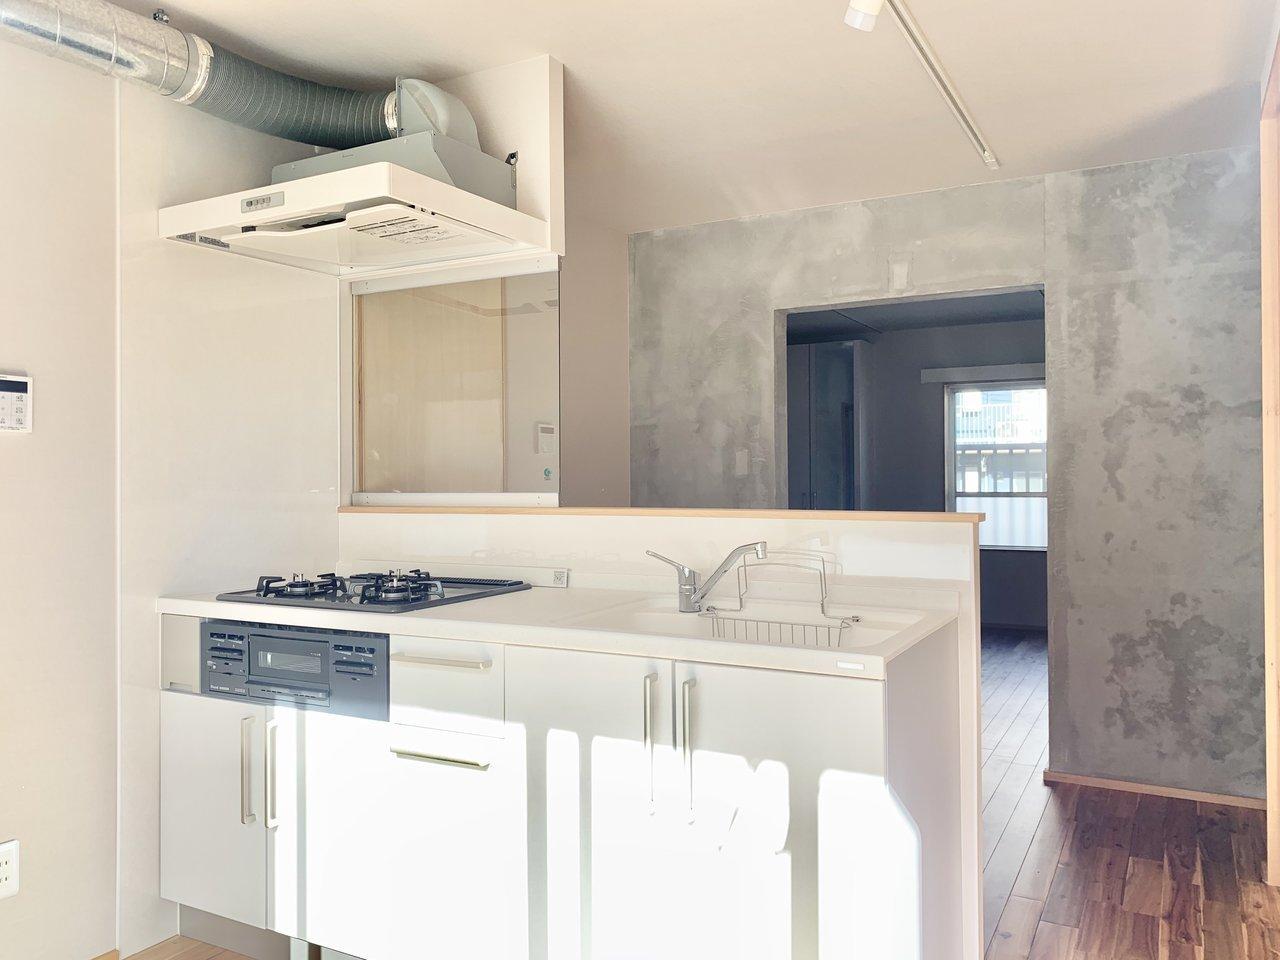 団地は住棟間の距離が十分に取られているので、光がよく入るんですよ。とても明るいキッチンですね!